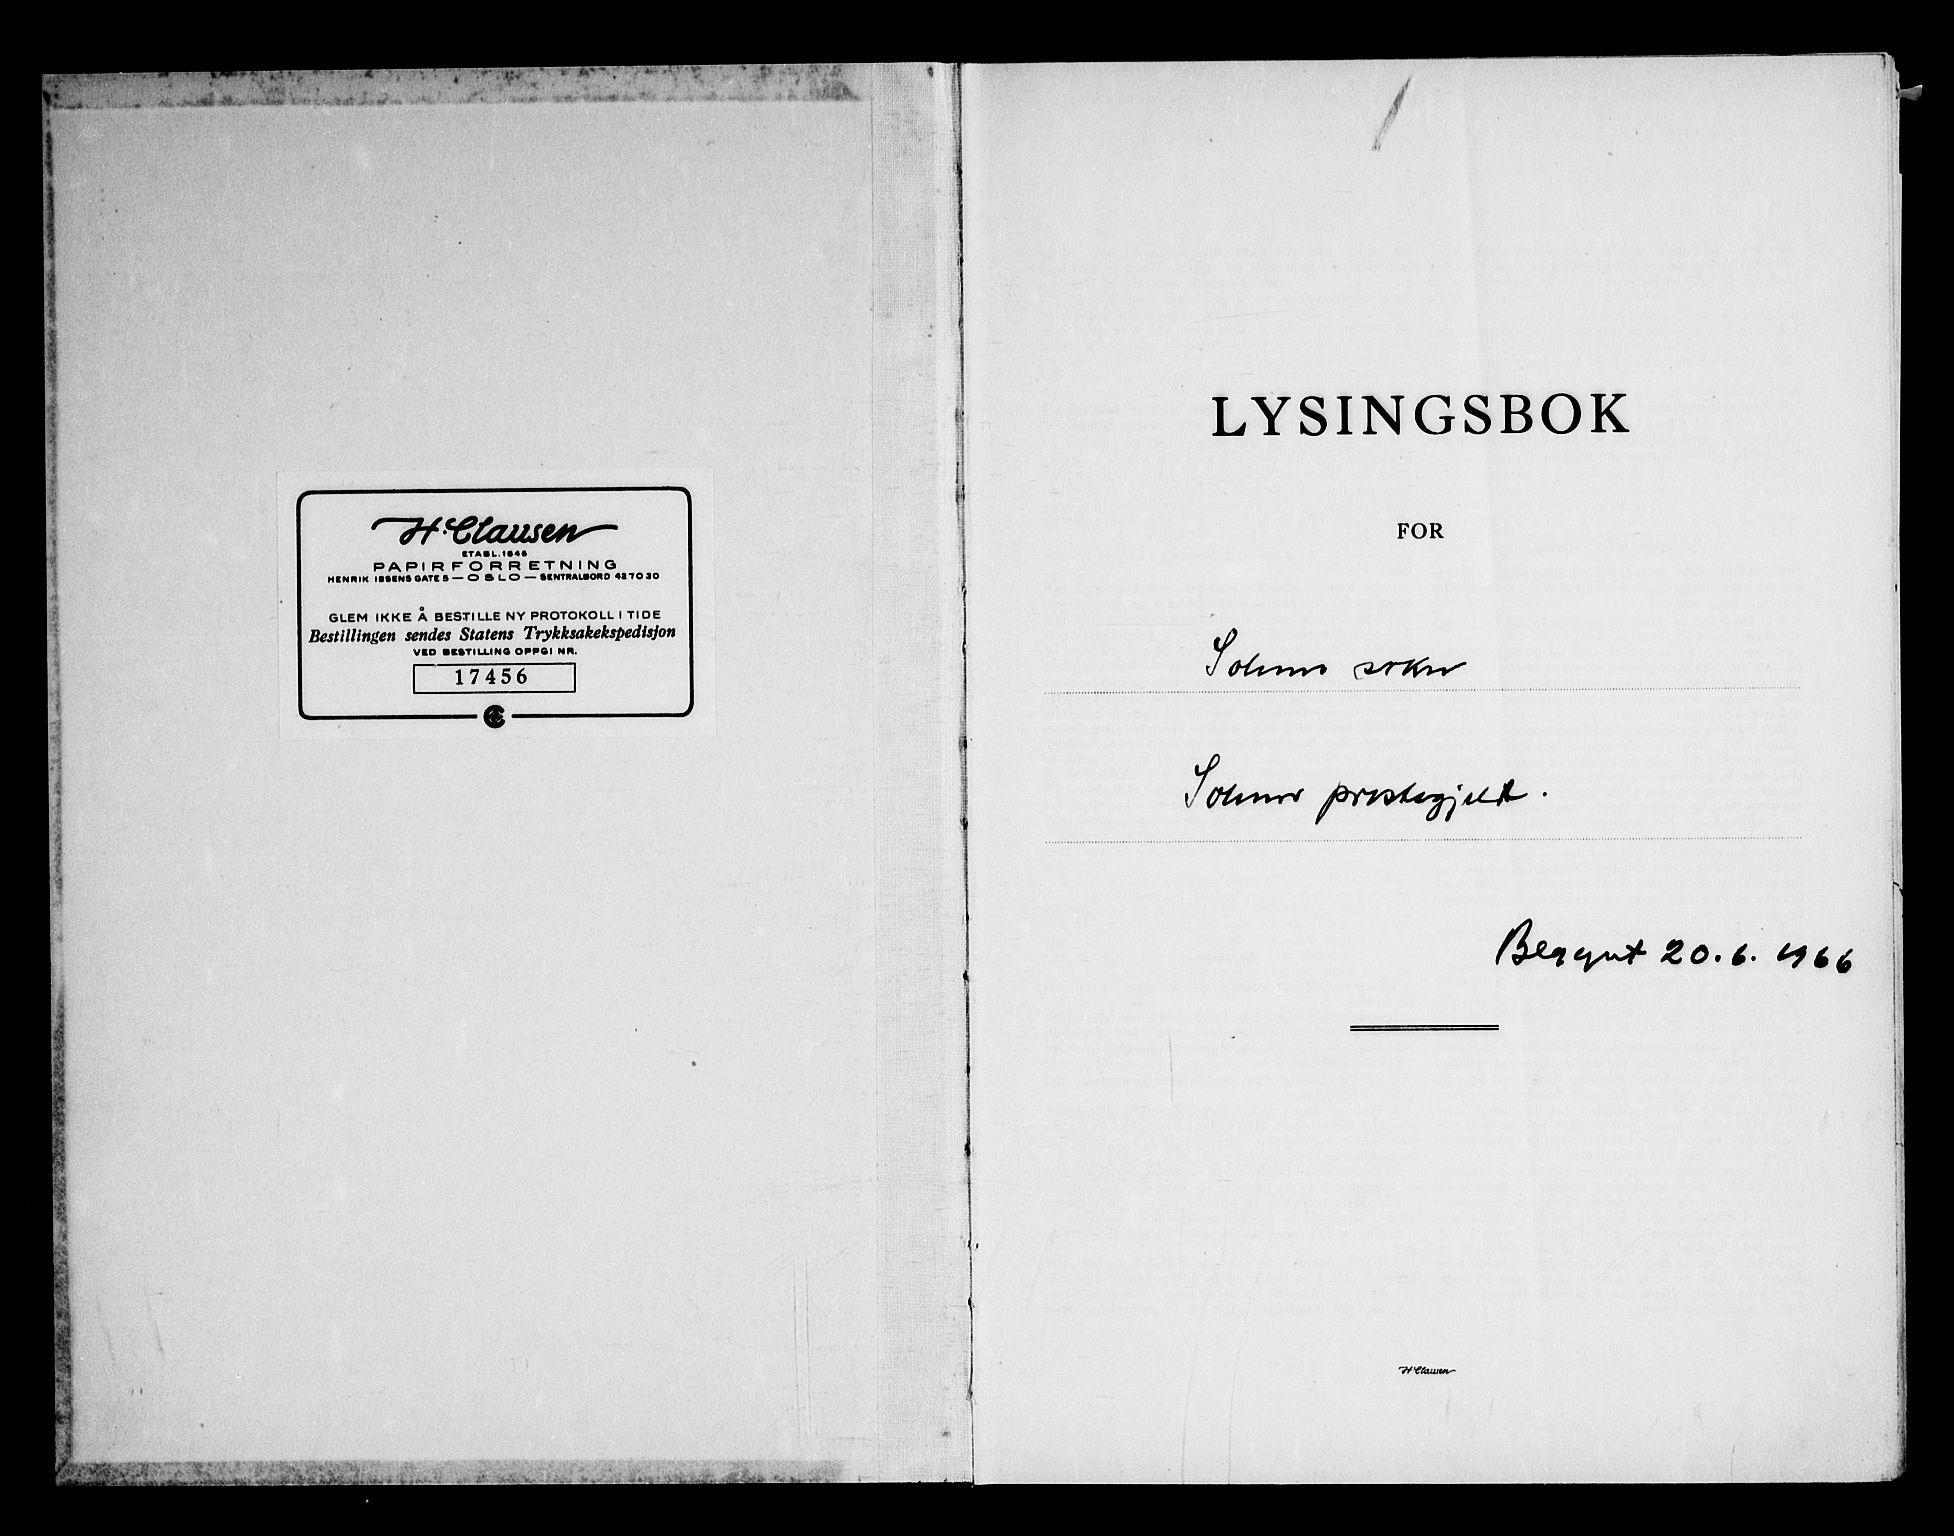 SAKO, Solum kirkebøker, H/Ha/L0004: Lysningsprotokoll nr. I 4, 1966-1974